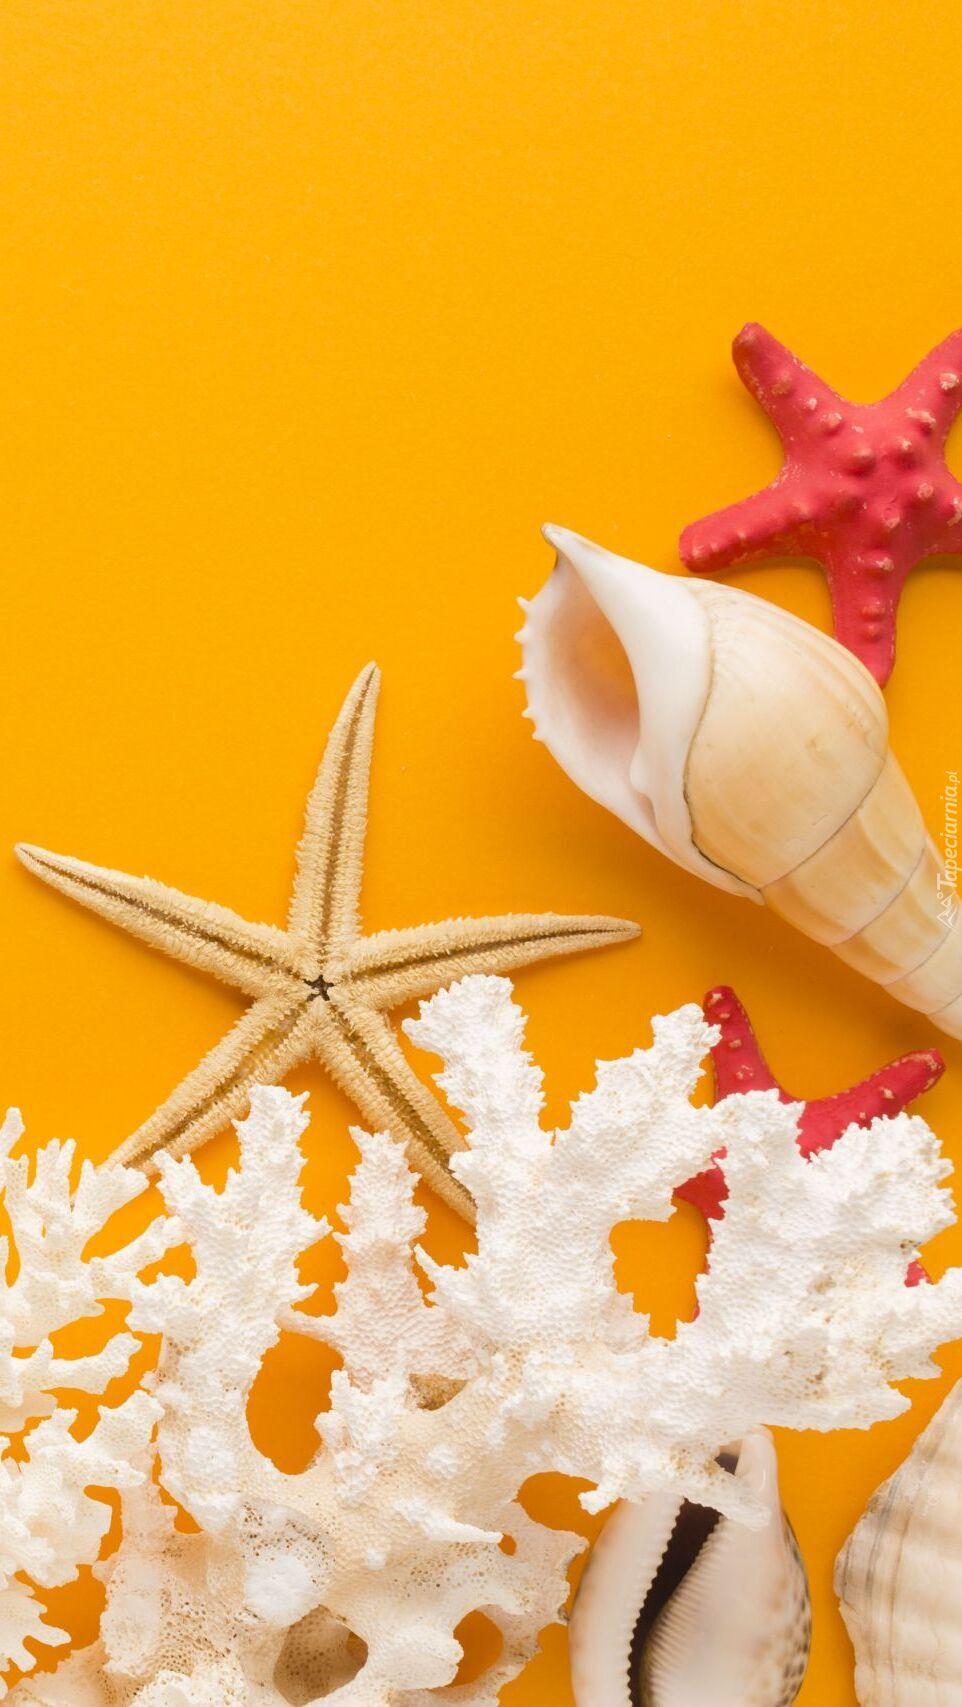 Koralowce i rozgwiazdy na żółtym tle